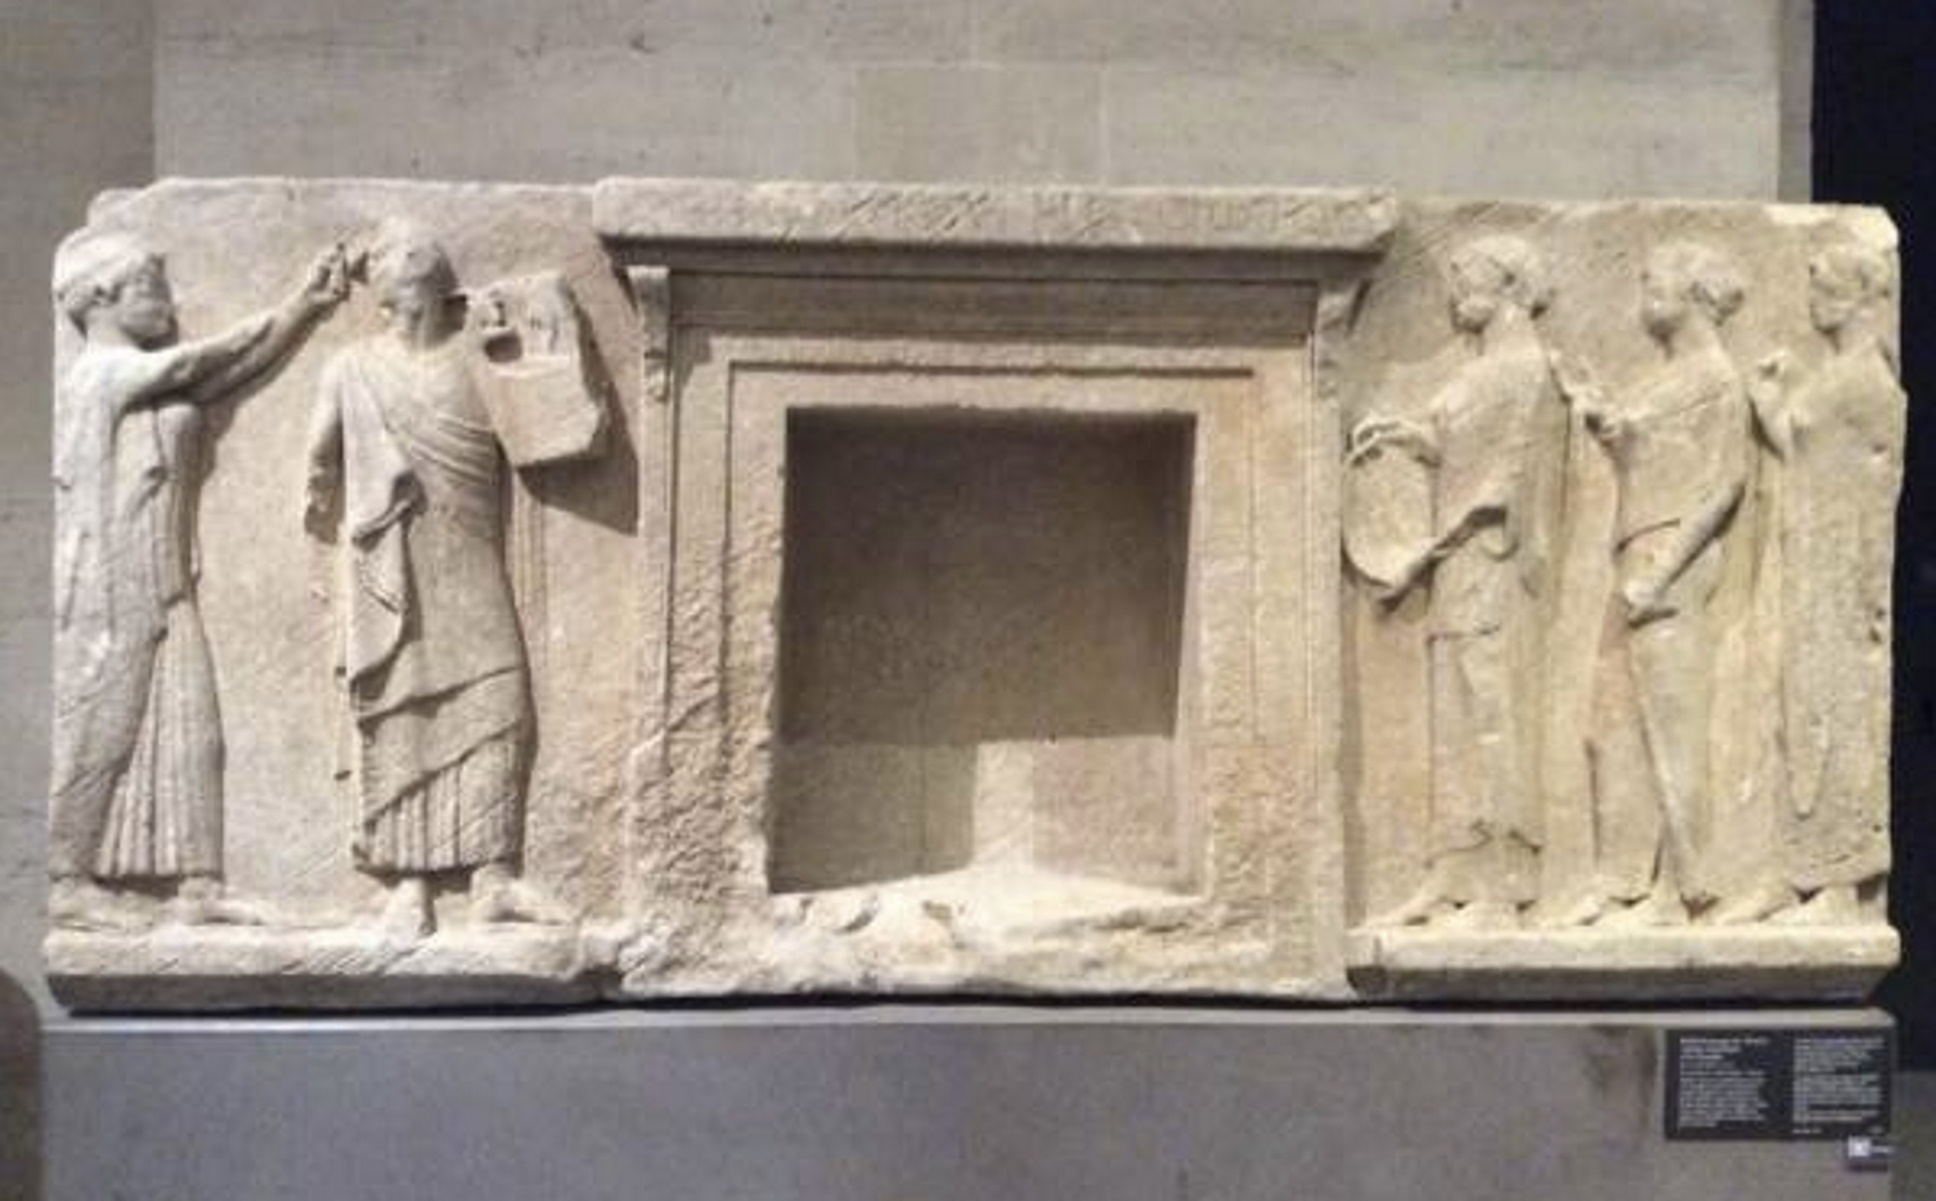 Θάσος: Δύο εκμαγεία σημαντικού μνημείου μεταφέρθηκαν από το Λούβρο – Η Δίοδος των Θεωρών (pics)